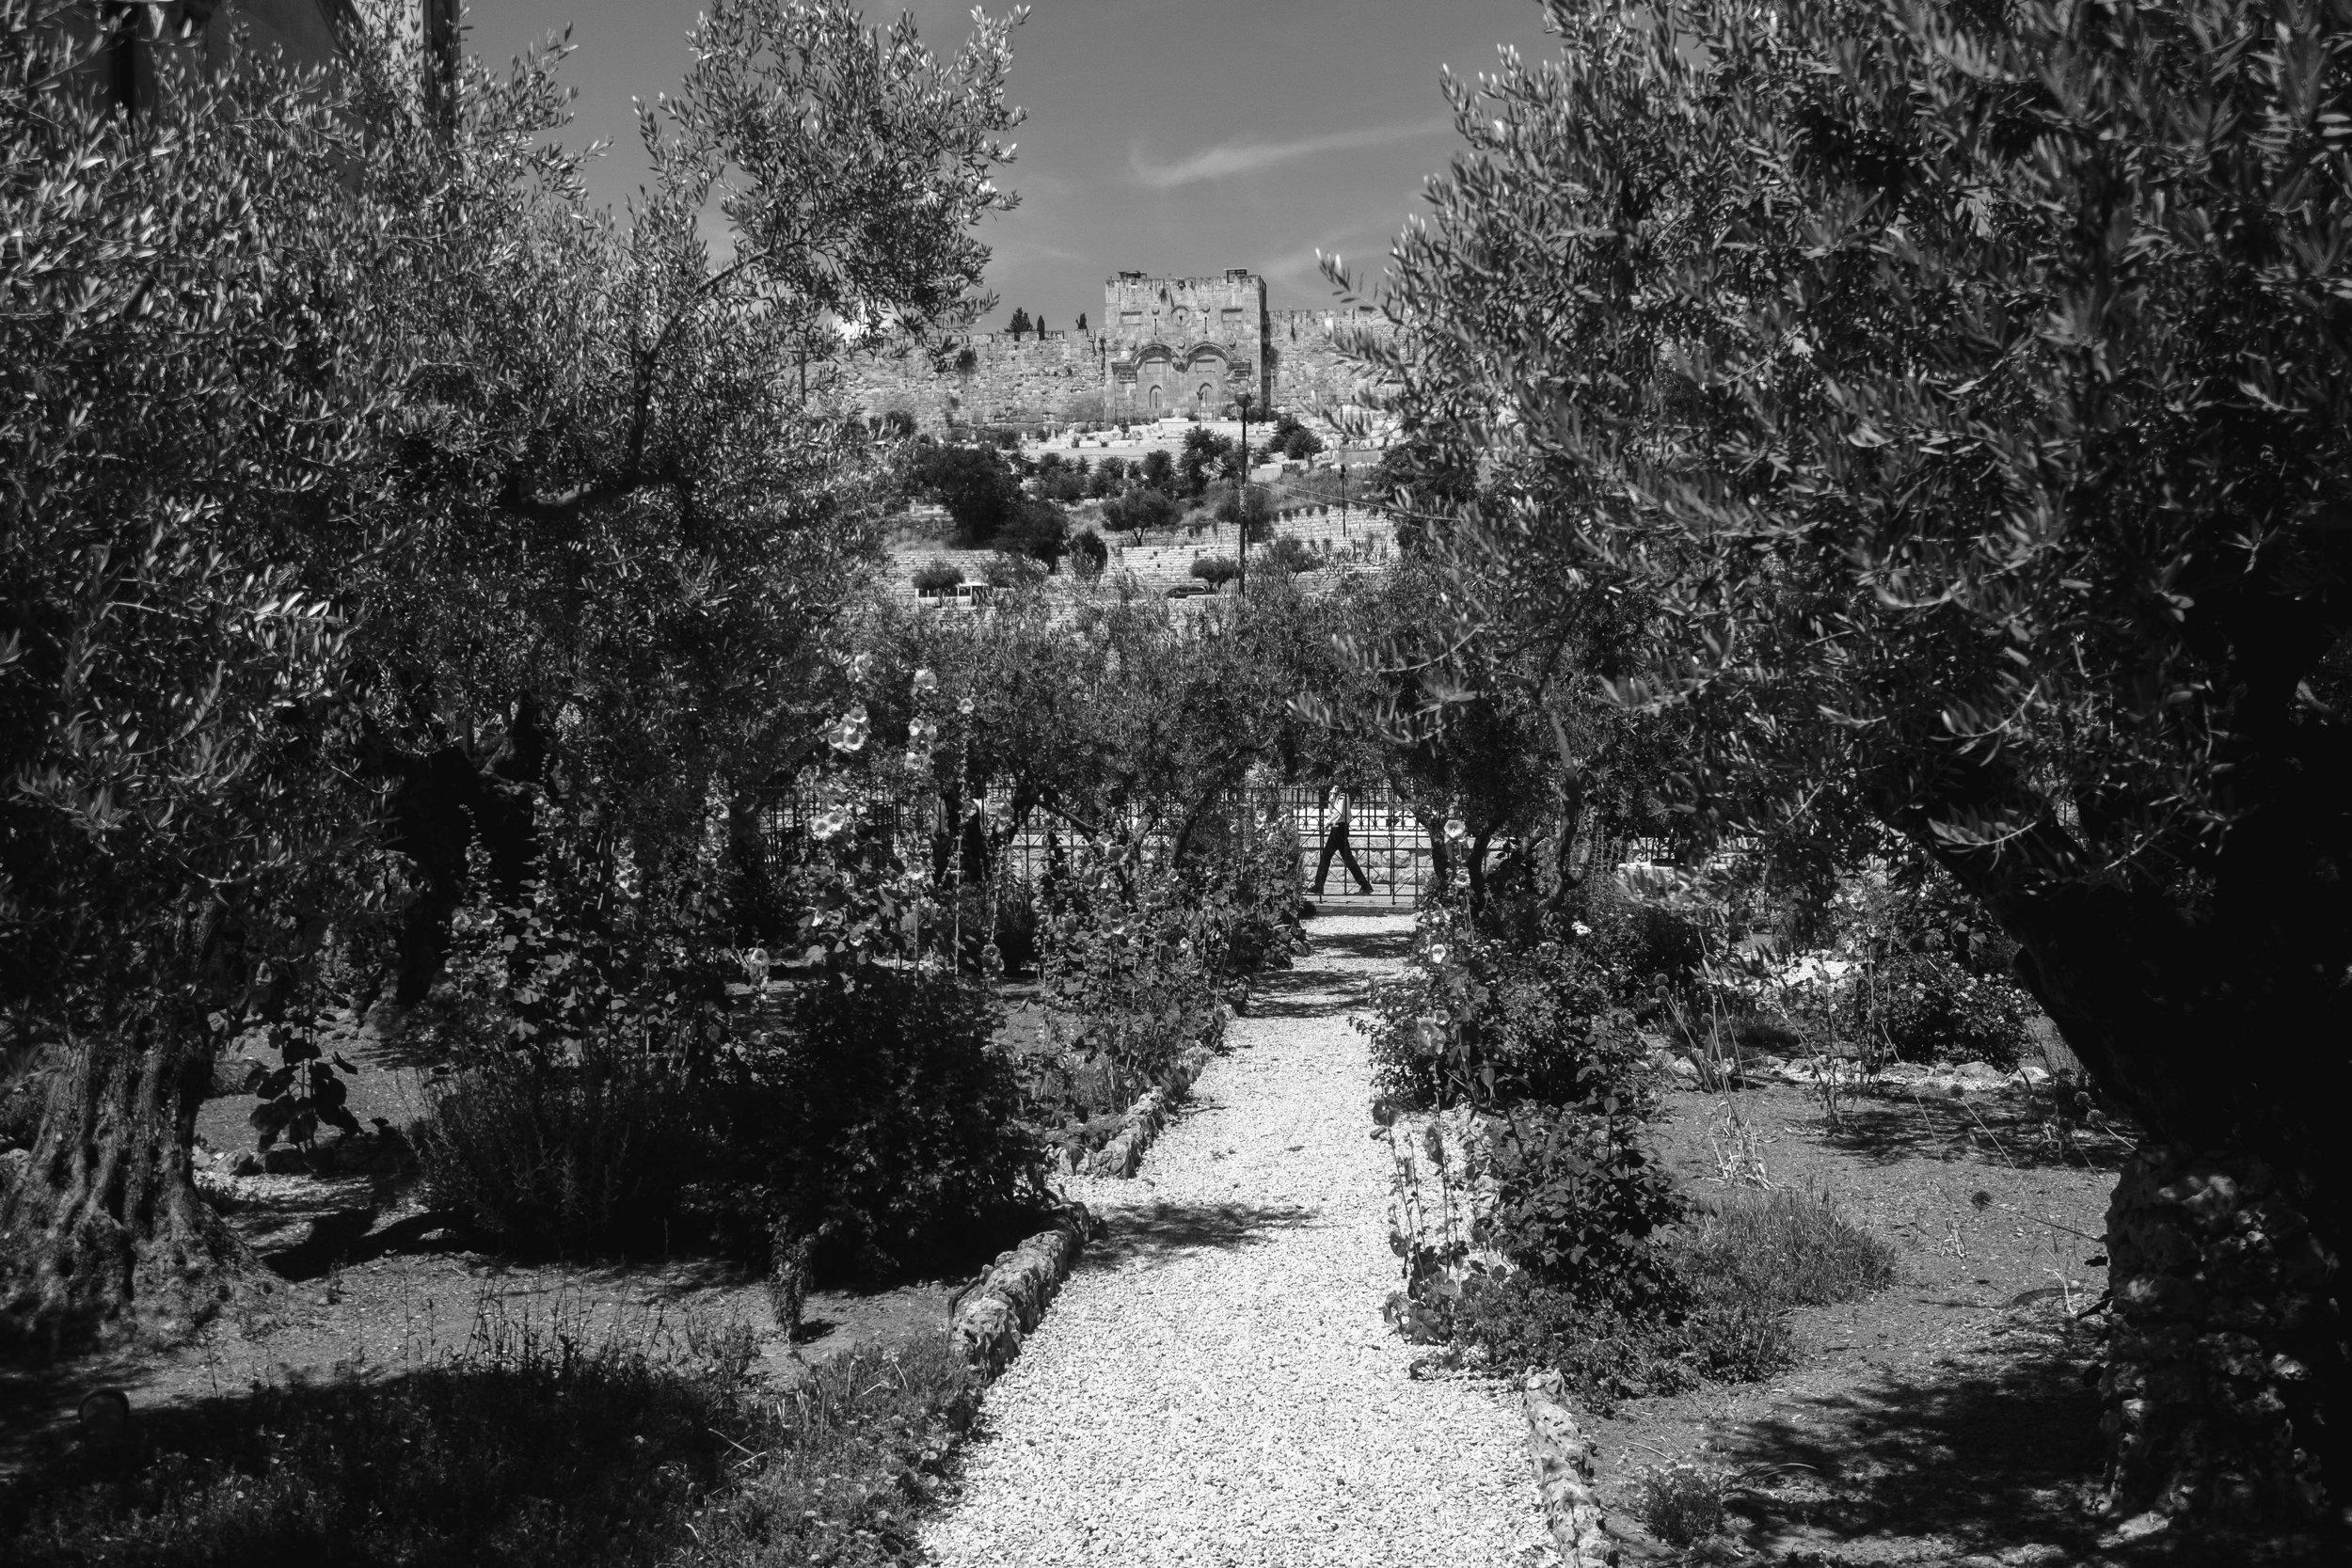 GethsemaneGoldenGate.jpg